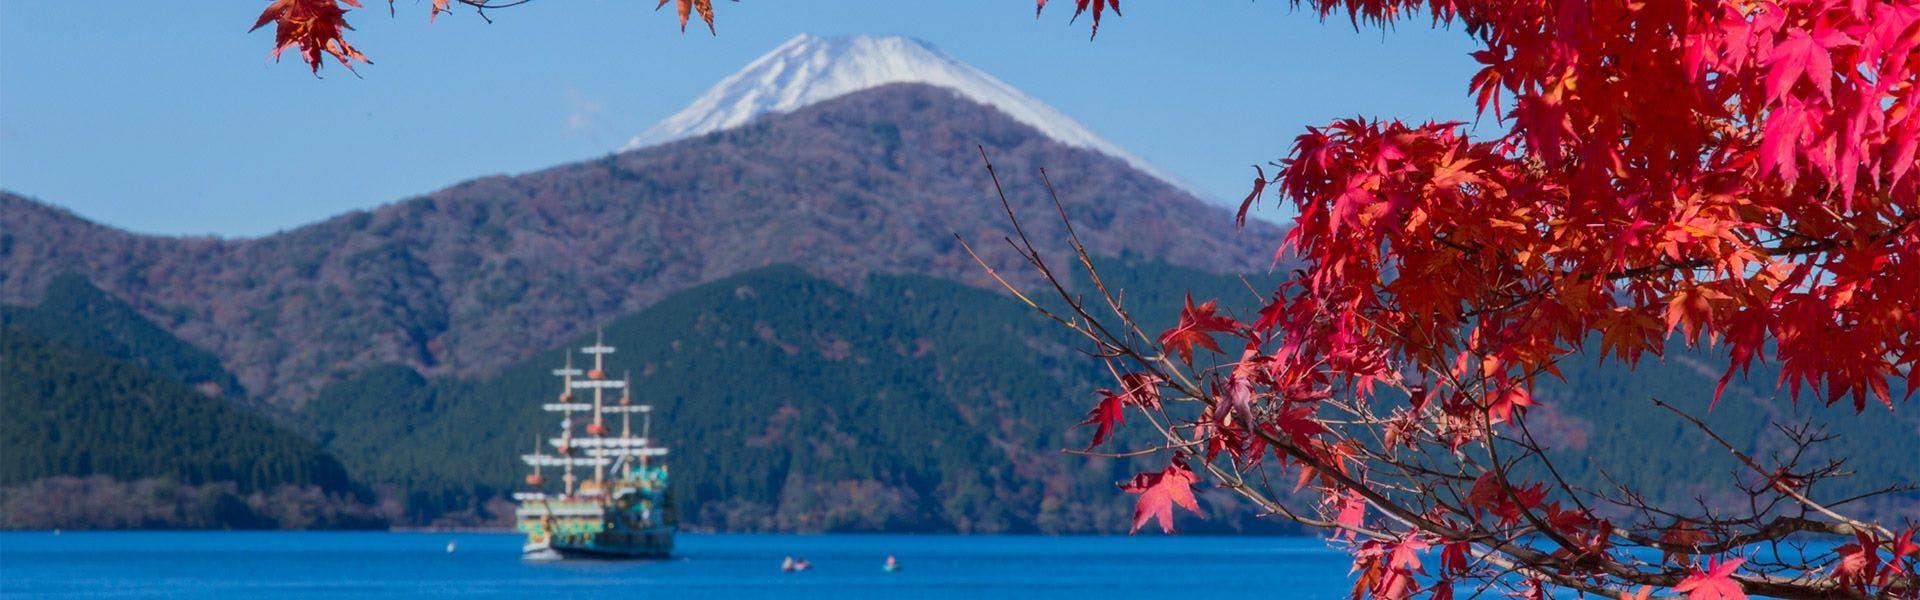 記念日におすすめのホテル・箱根ホテル 富士屋ホテルレイクビューアネックスの写真3